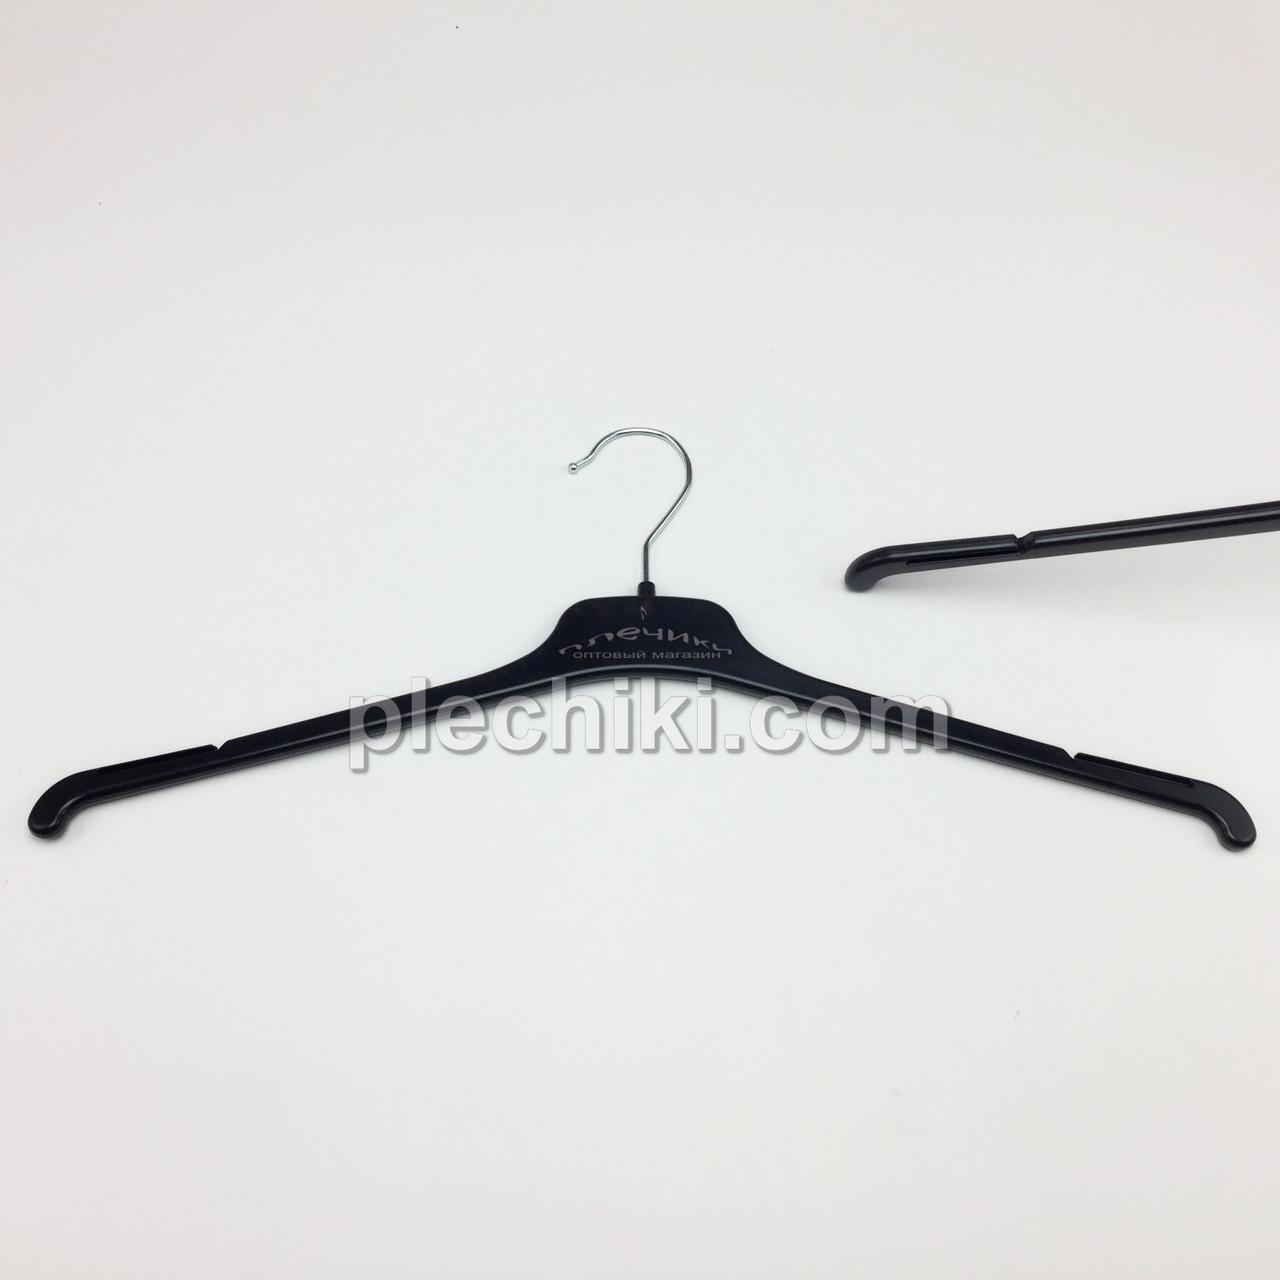 Плечики вешалки пластиковые TOP-44 черного цвета, длина 440 мм